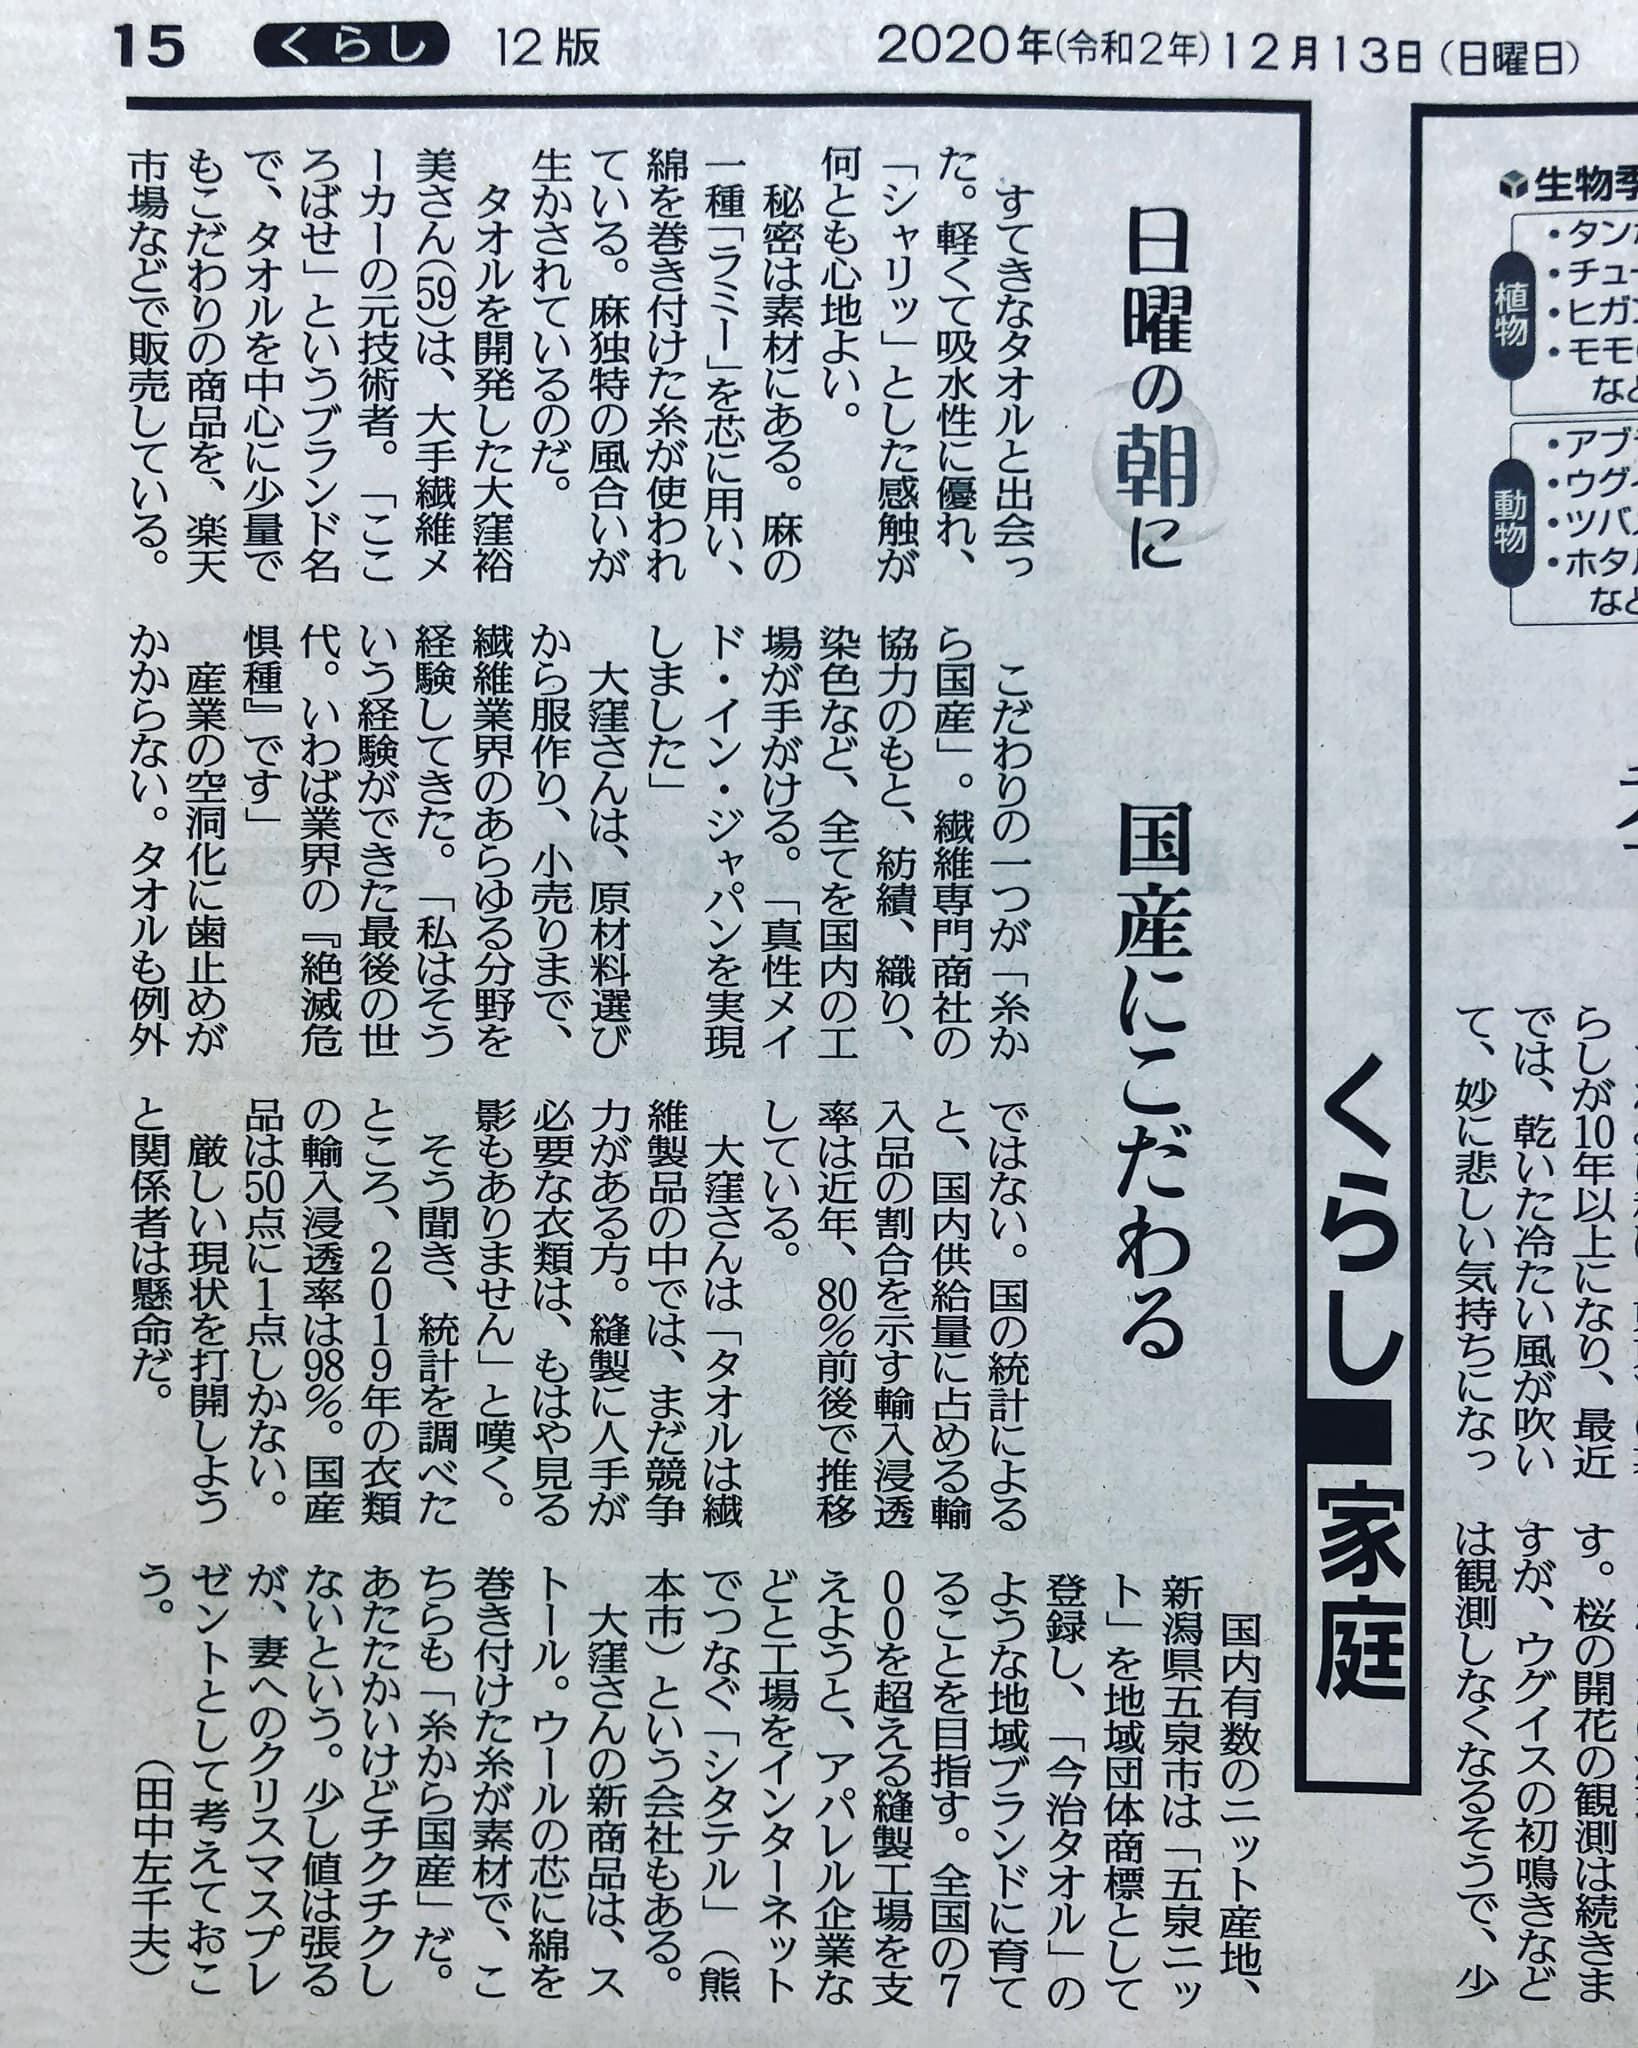 こころばせ読売新聞掲載